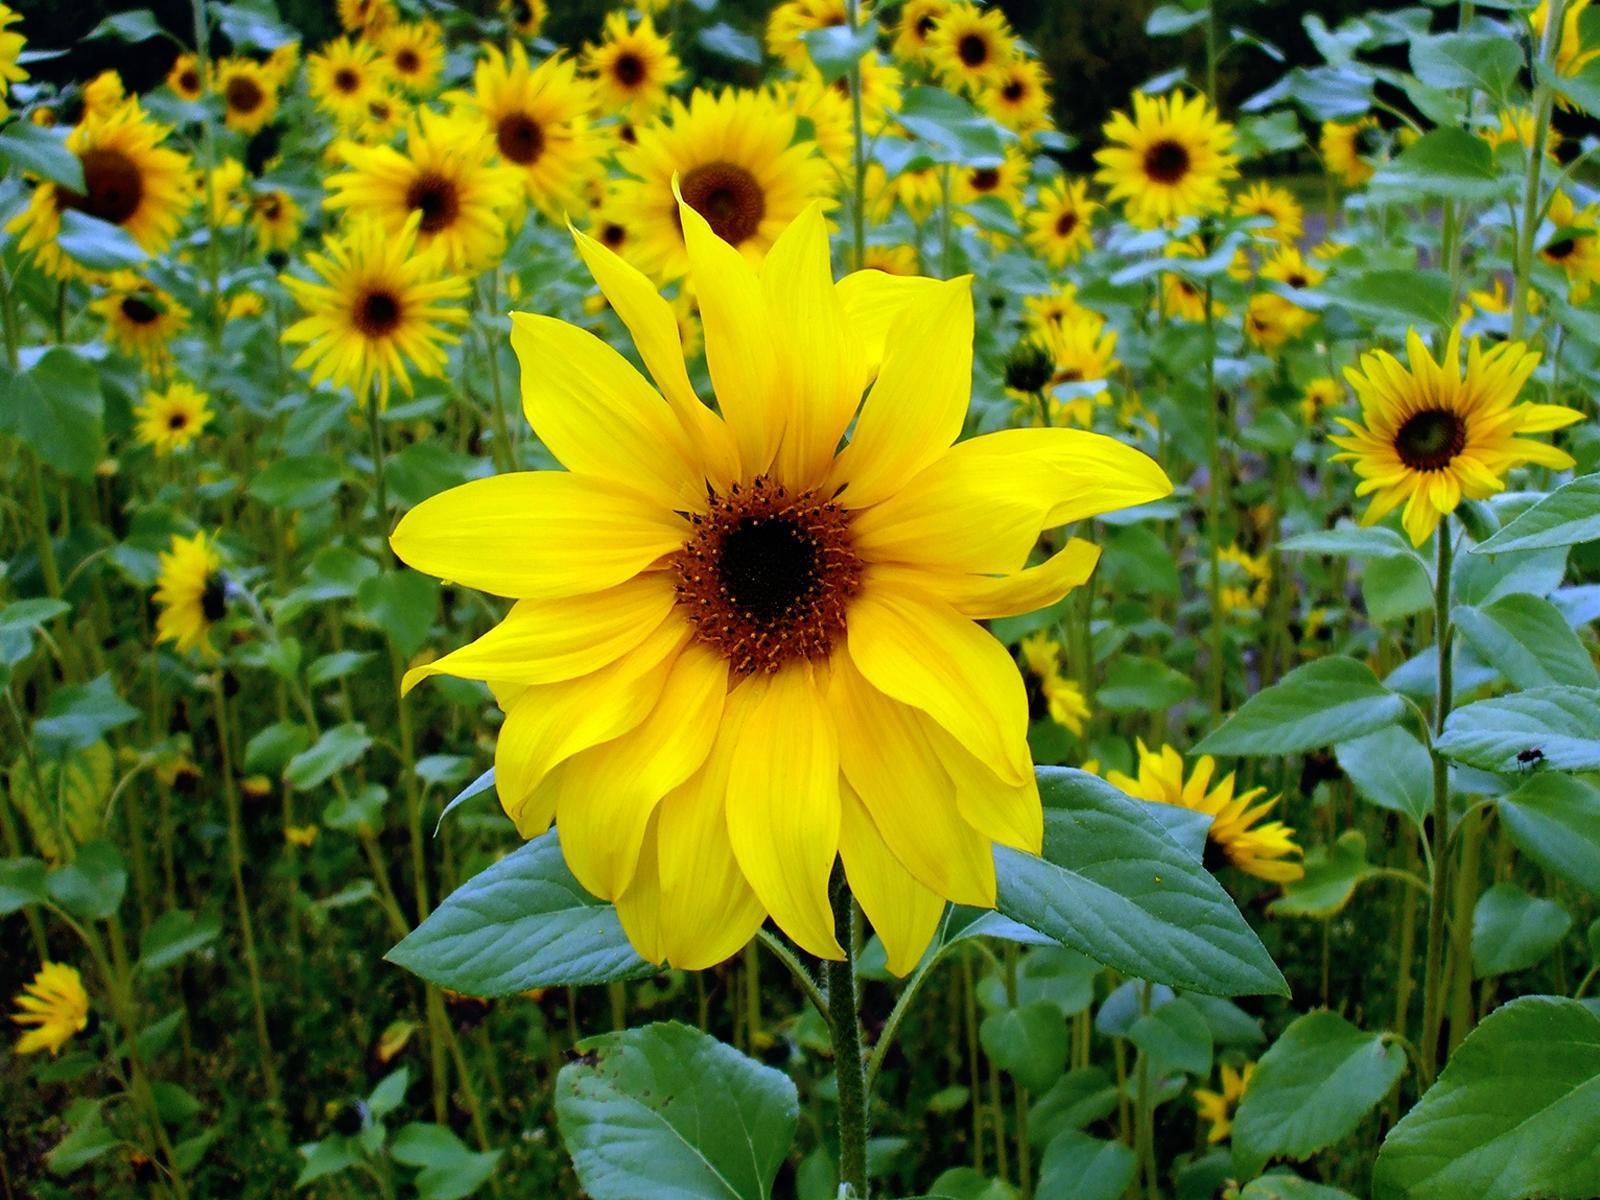 указанные жолтые цветы похожие на подсолнух для